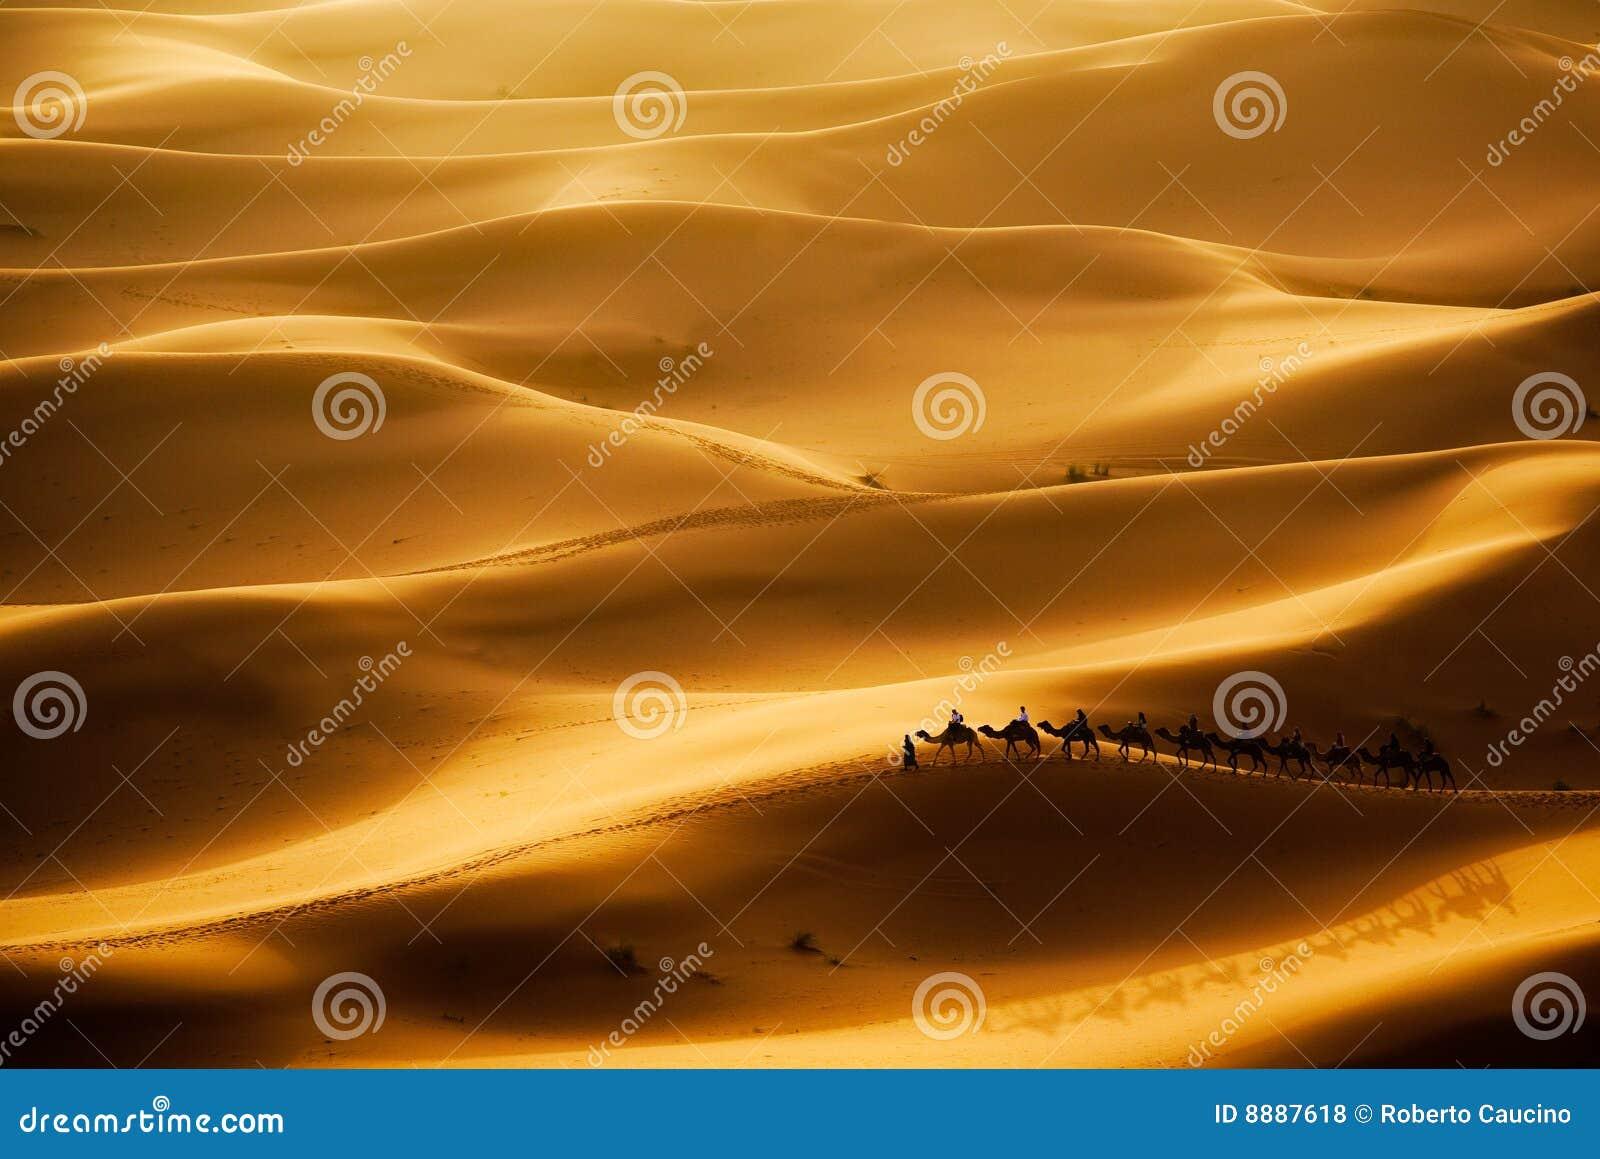 Kamel-Wohnwagen